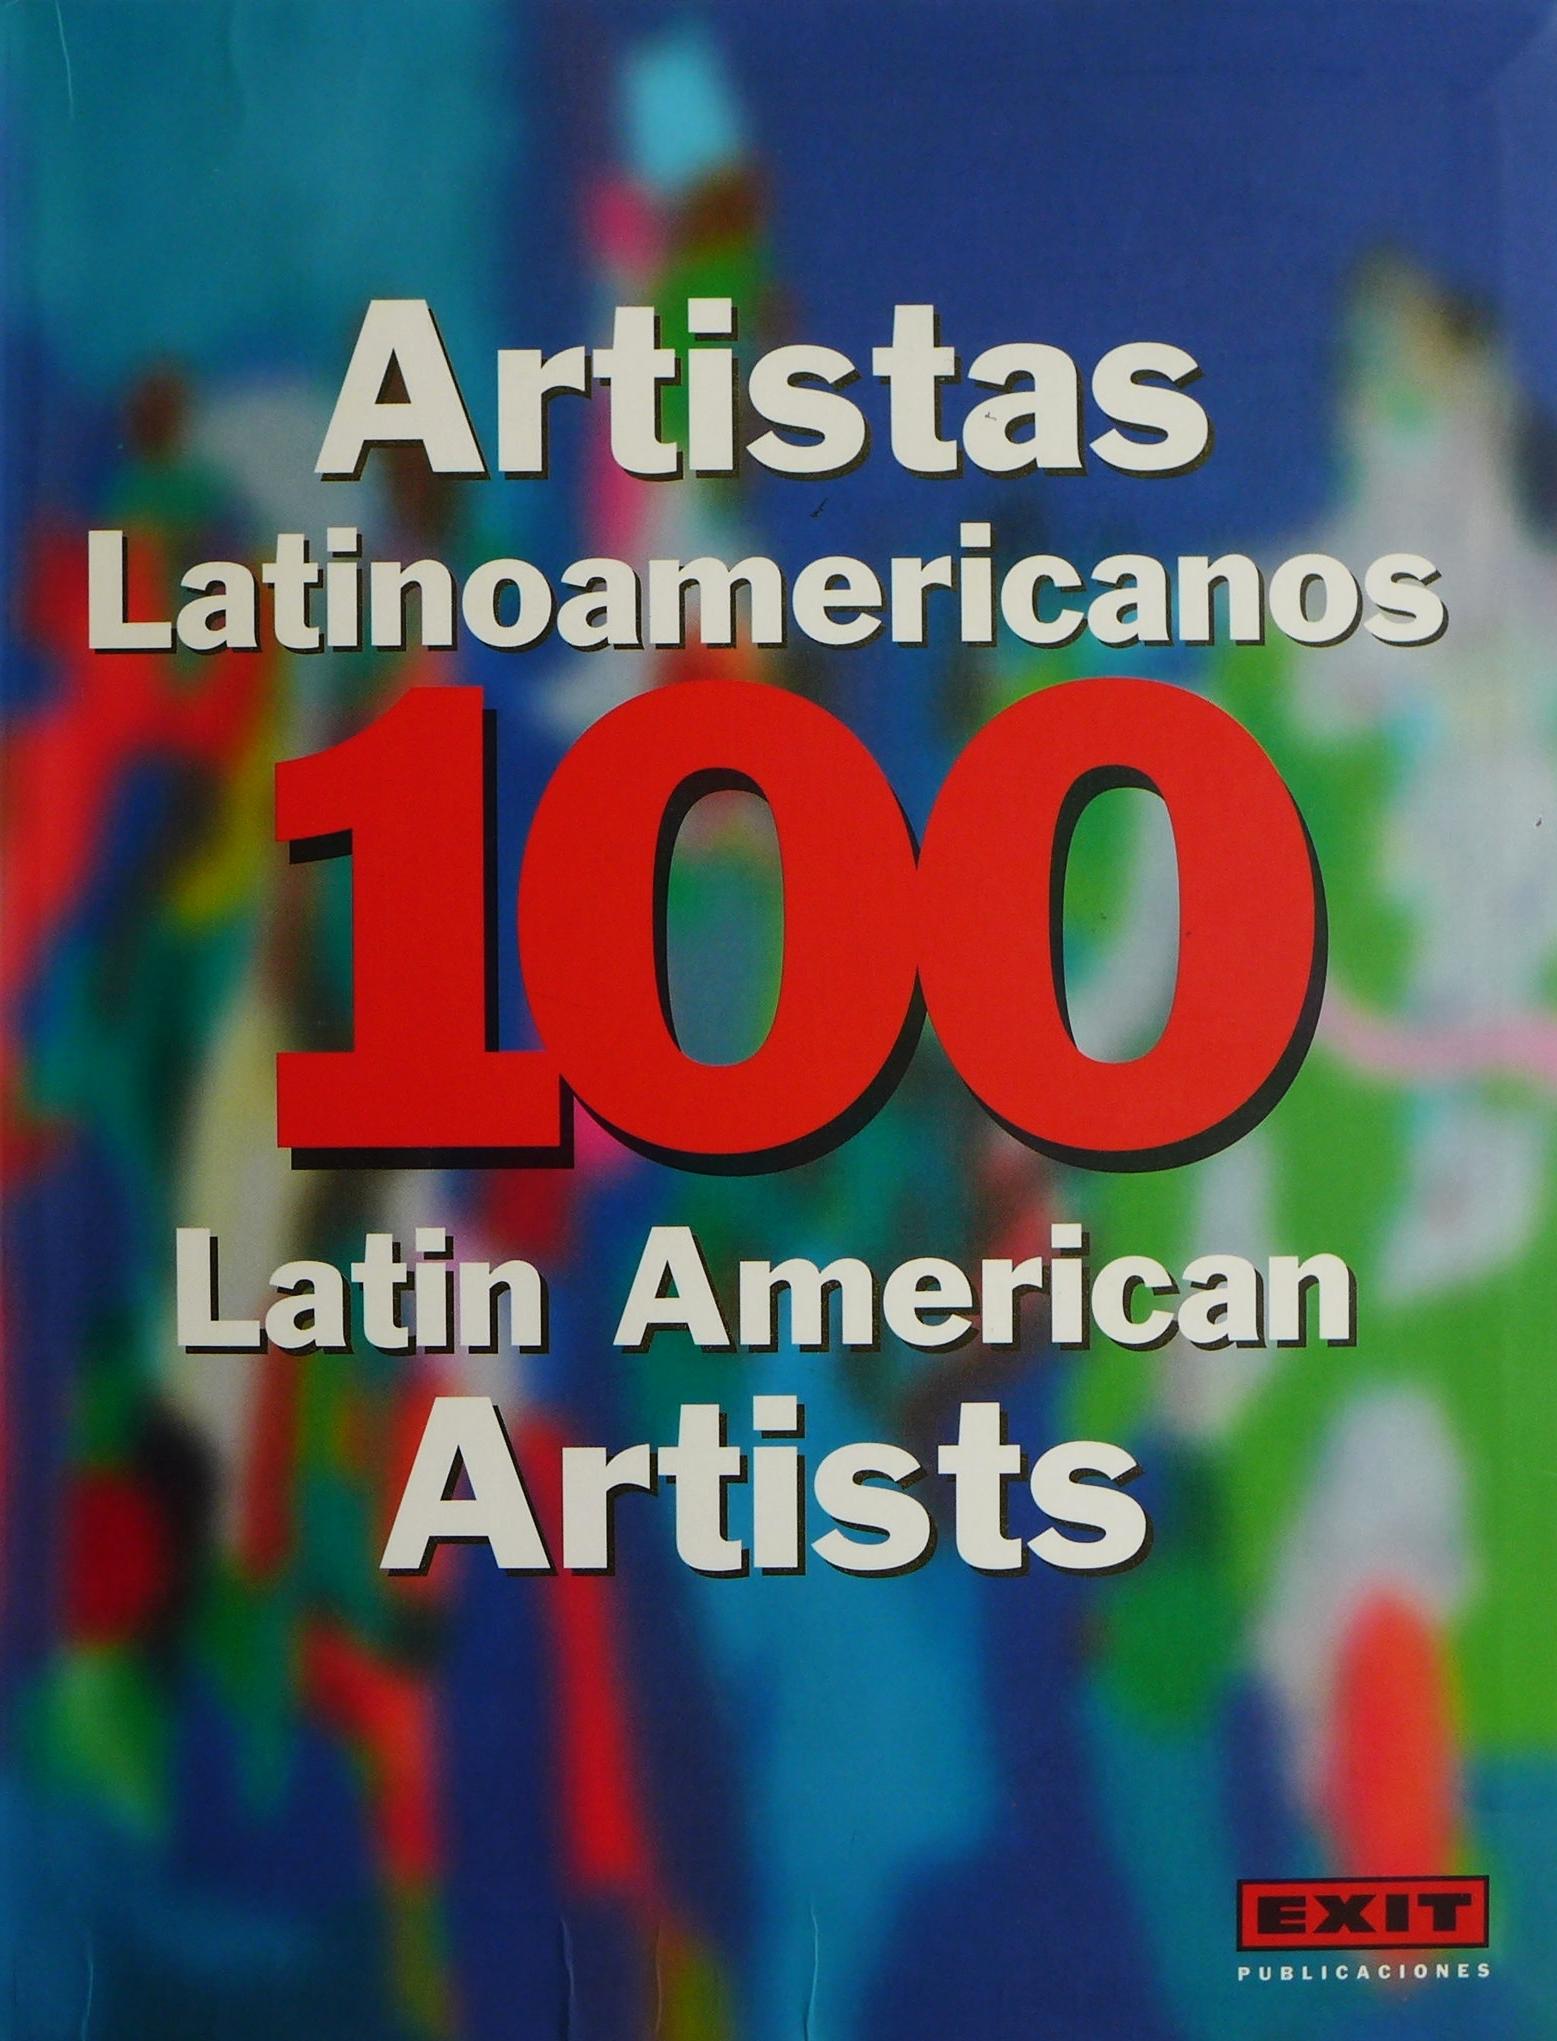 100 Latin American Artists   xit Publicaciones   ISBN: 978-84-934639-3-9